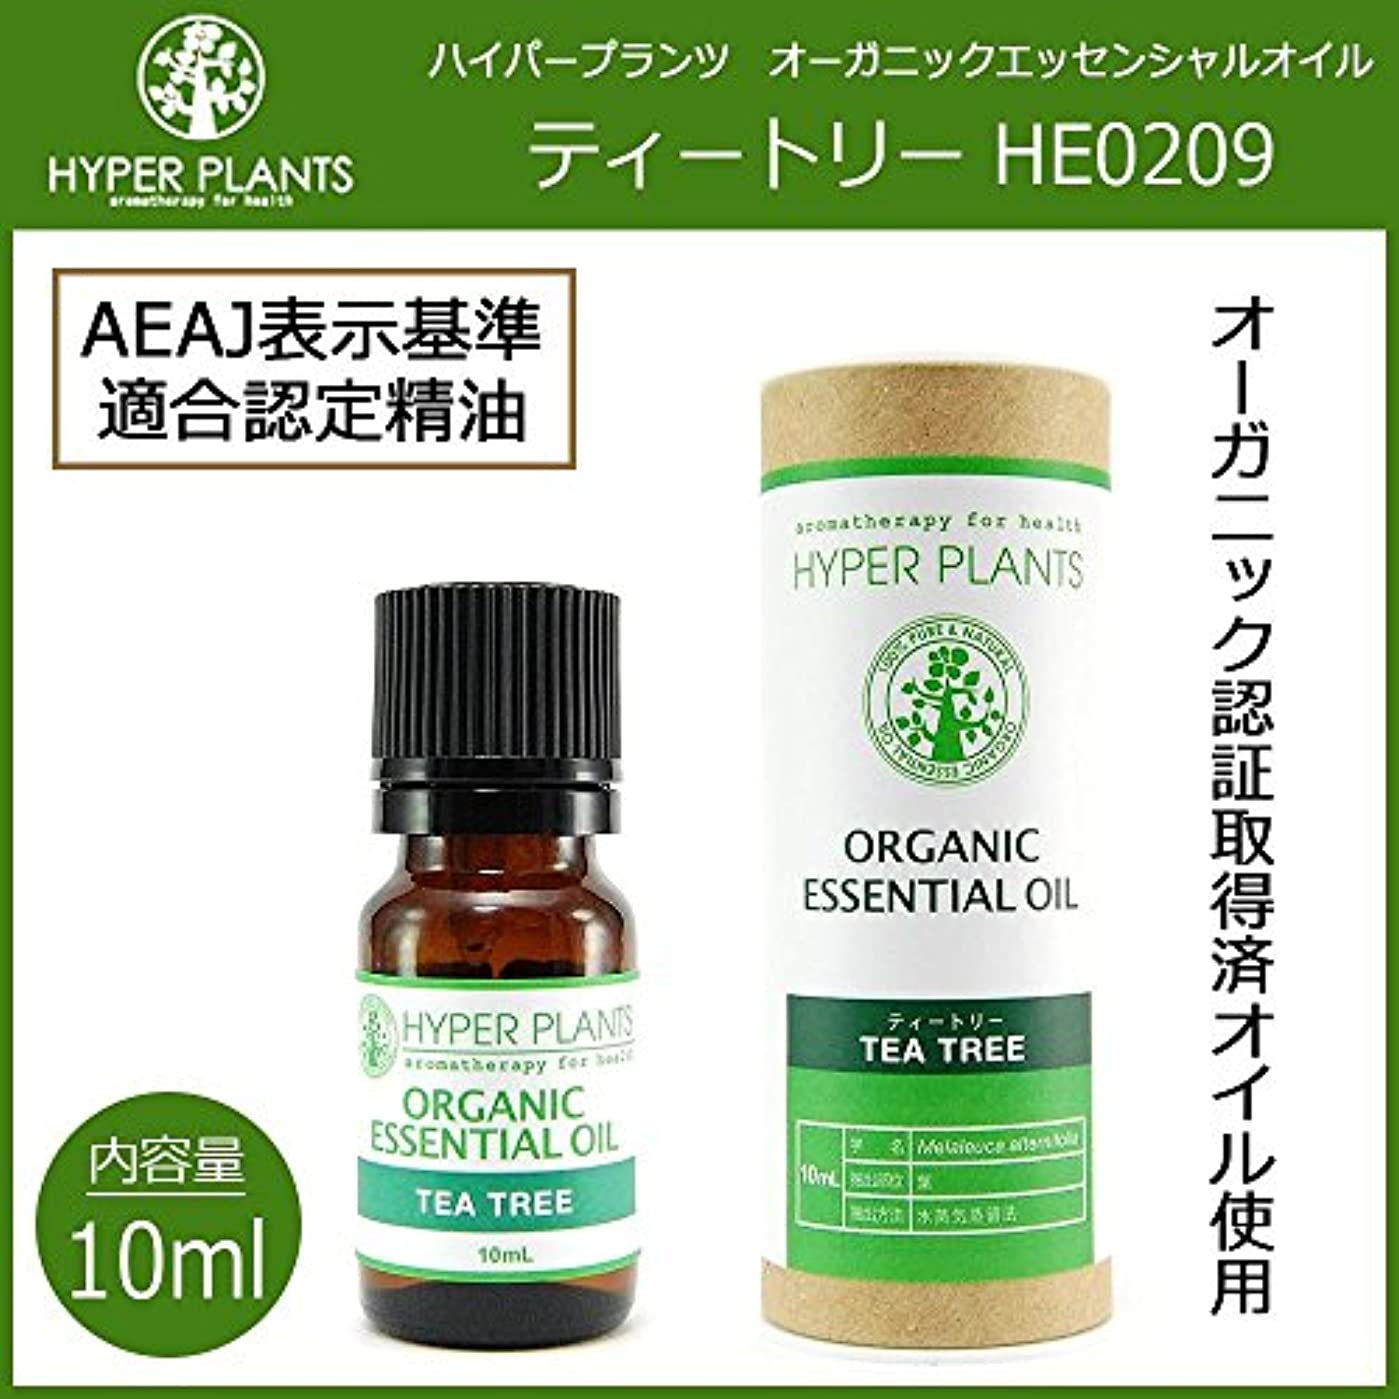 小売剪断元気なHYPER PLANTS ハイパープランツ オーガニックエッセンシャルオイル ティートリー 10ml HE0209